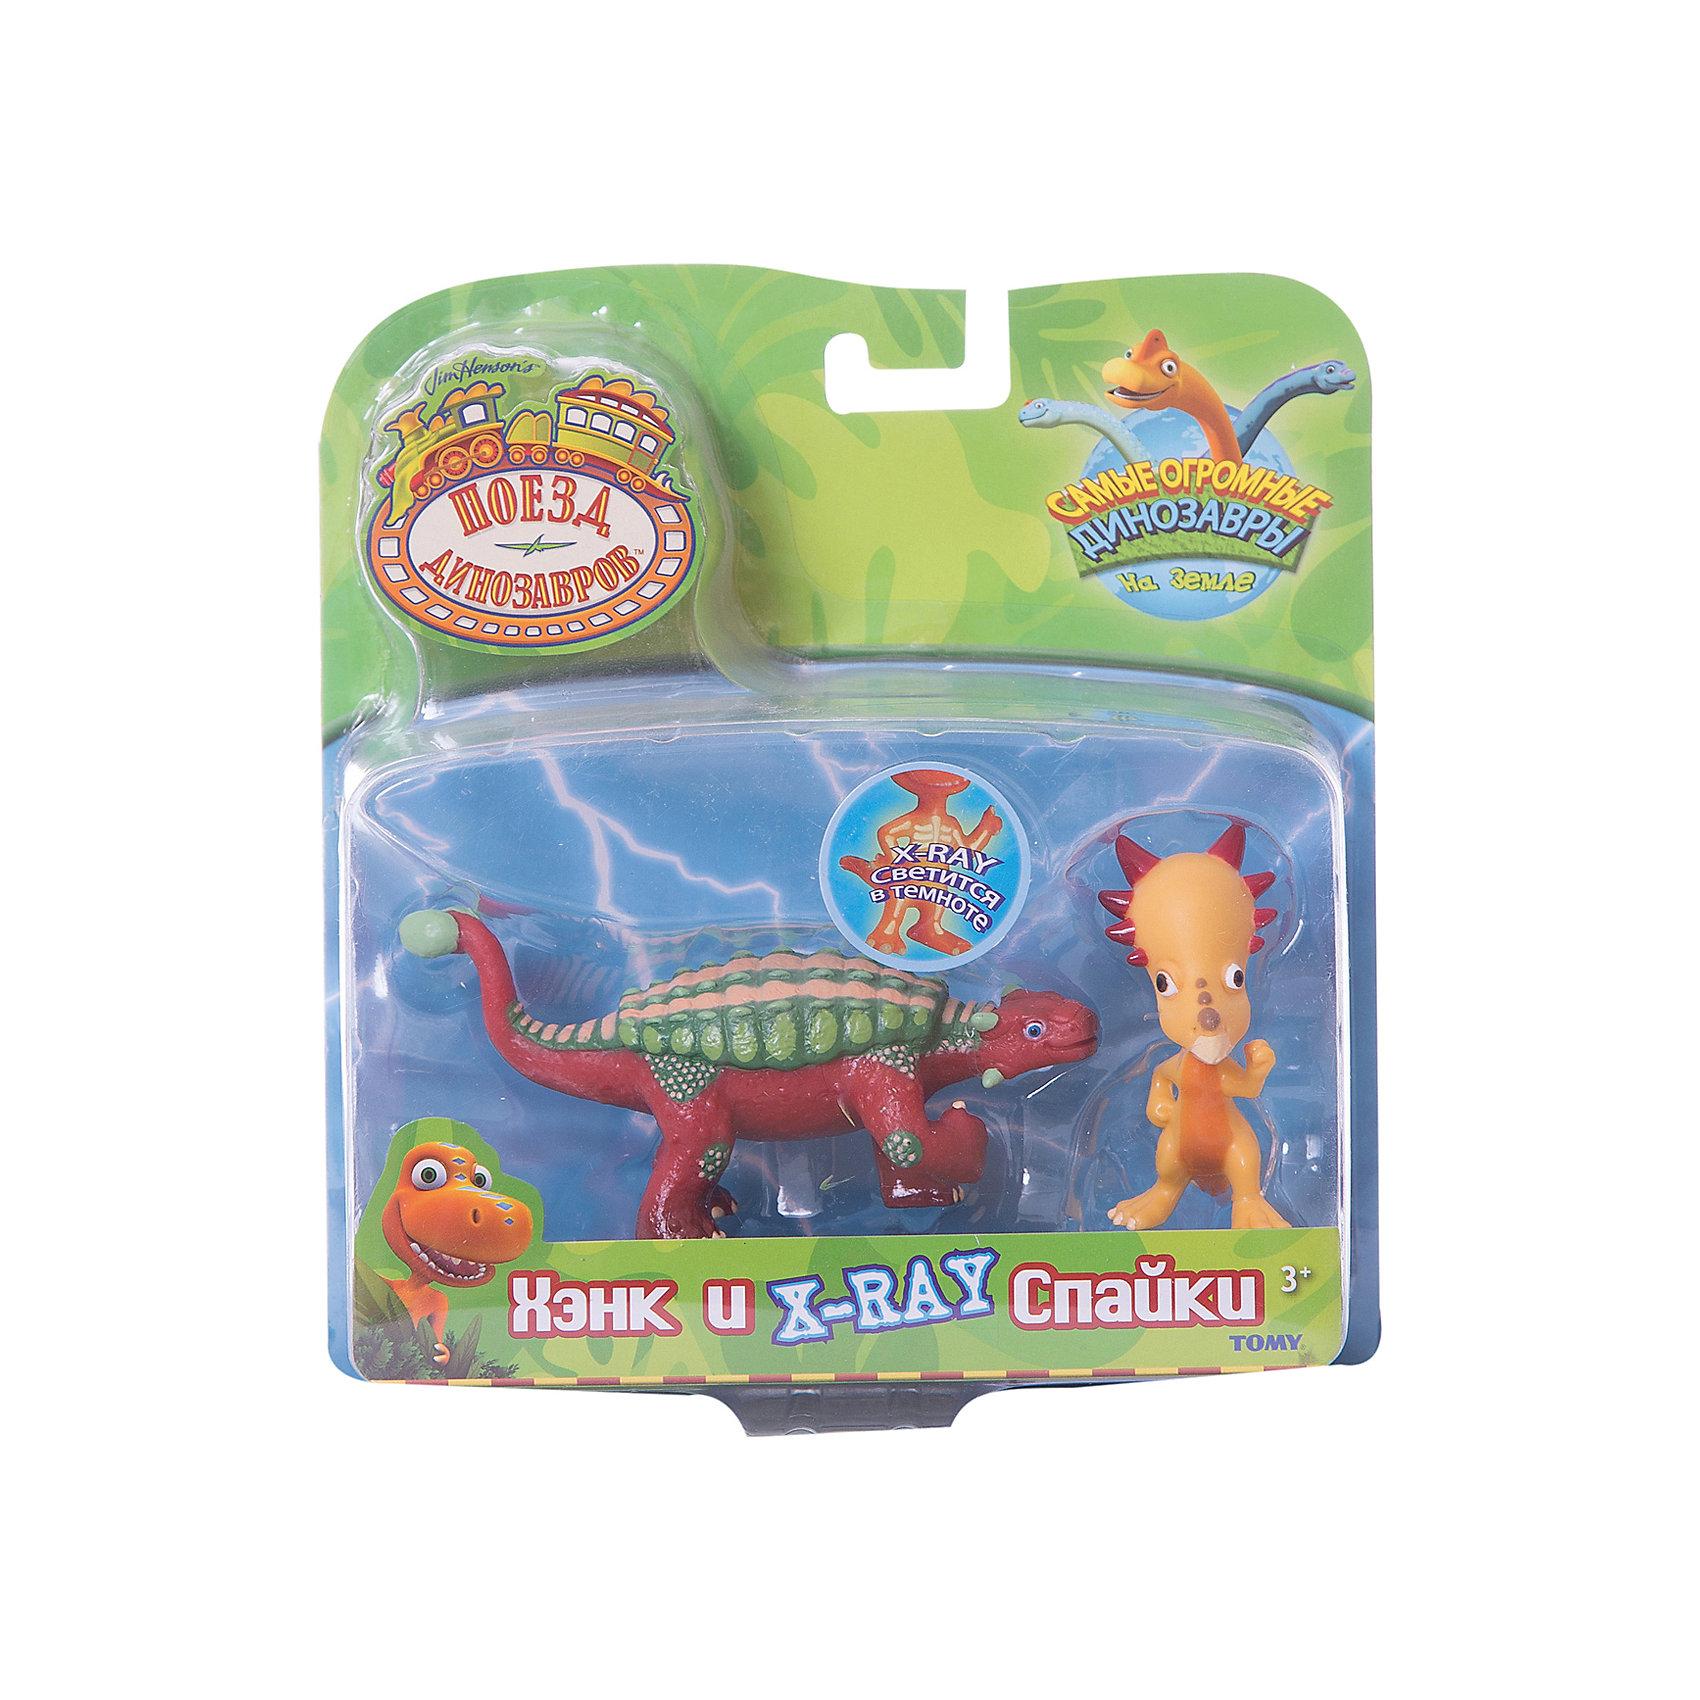 Набор из двух фигурок Хэнк и X-Ray Спайки,Поезд ДинозавровФигурки героев<br>Играть с динозаврами любит практически каждый мальчишка. Сделать игру ярче и увлекательнее поможет этот игровой набор, в него входят герои мультфильма  Поезд Динозавров. Игрушки в нем отлично детализированы, в комплект входят фигурки Хэнк и X-Ray Спайки (его скелетик светится в темноте).                          <br>Этот набор обязательно порадует ребенка! Игры с ним помогают детям развивать воображение, логику, мелкую моторику и творческое мышление. Набор сделан из качественных и безопасных для ребенка материалов.<br><br>Дополнительная информация:<br><br>цвет: разноцветный;<br>размер упаковки: 18 х 19 х 7 см;<br>вес: 217 г;<br>материал: пластик.<br><br>Набор из двух фигурок Хэнк и X-Ray Спайки,Поезд Динозавров можно купить в нашем магазине.<br><br>Ширина мм: 180<br>Глубина мм: 190<br>Высота мм: 70<br>Вес г: 217<br>Возраст от месяцев: 36<br>Возраст до месяцев: 2147483647<br>Пол: Унисекс<br>Возраст: Детский<br>SKU: 4918478